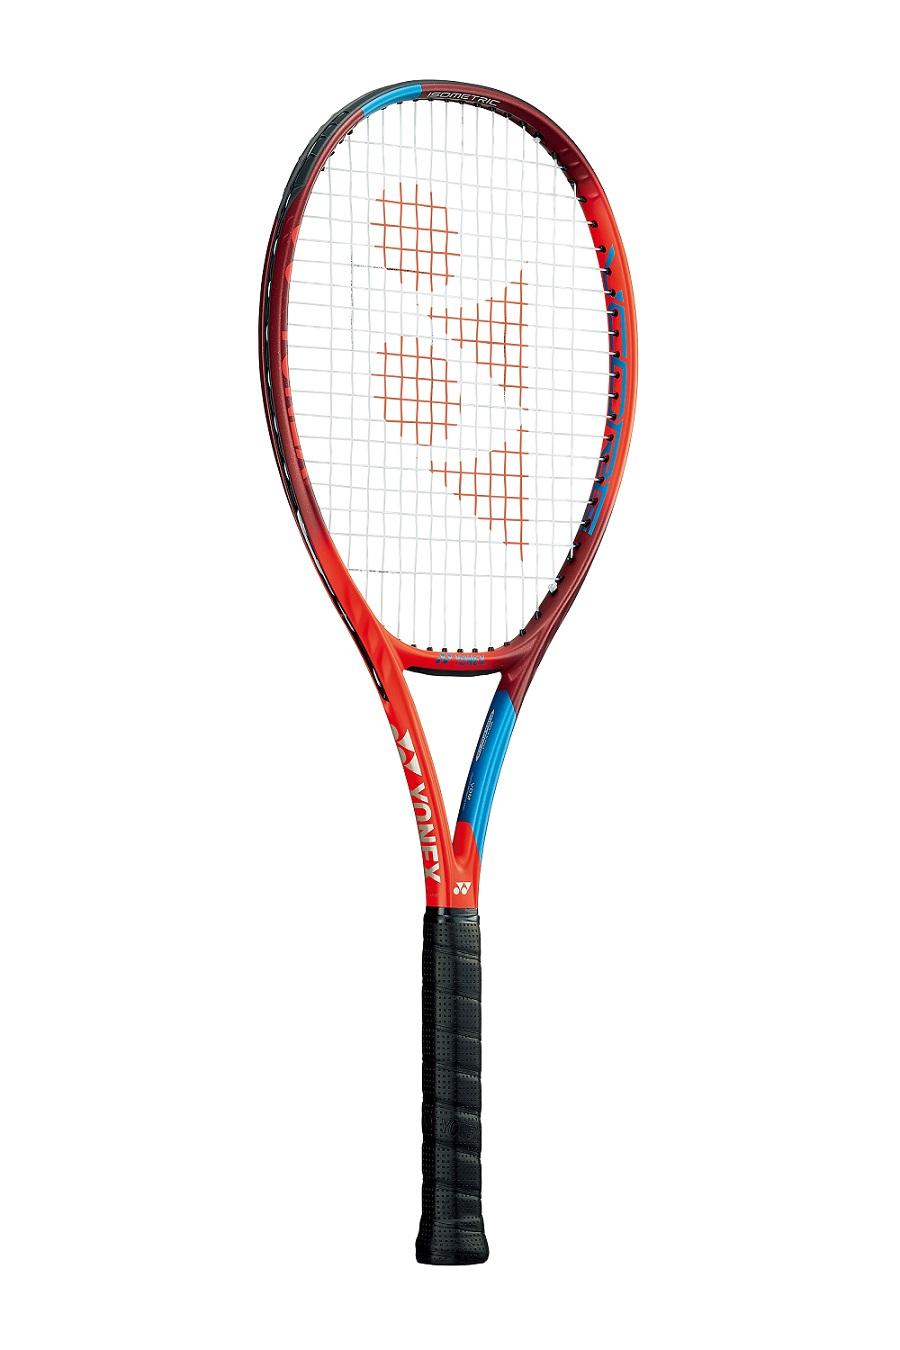 Raquete de Tênis Yonex Vcore 98 - 305g - 2021  - PROTENISTA